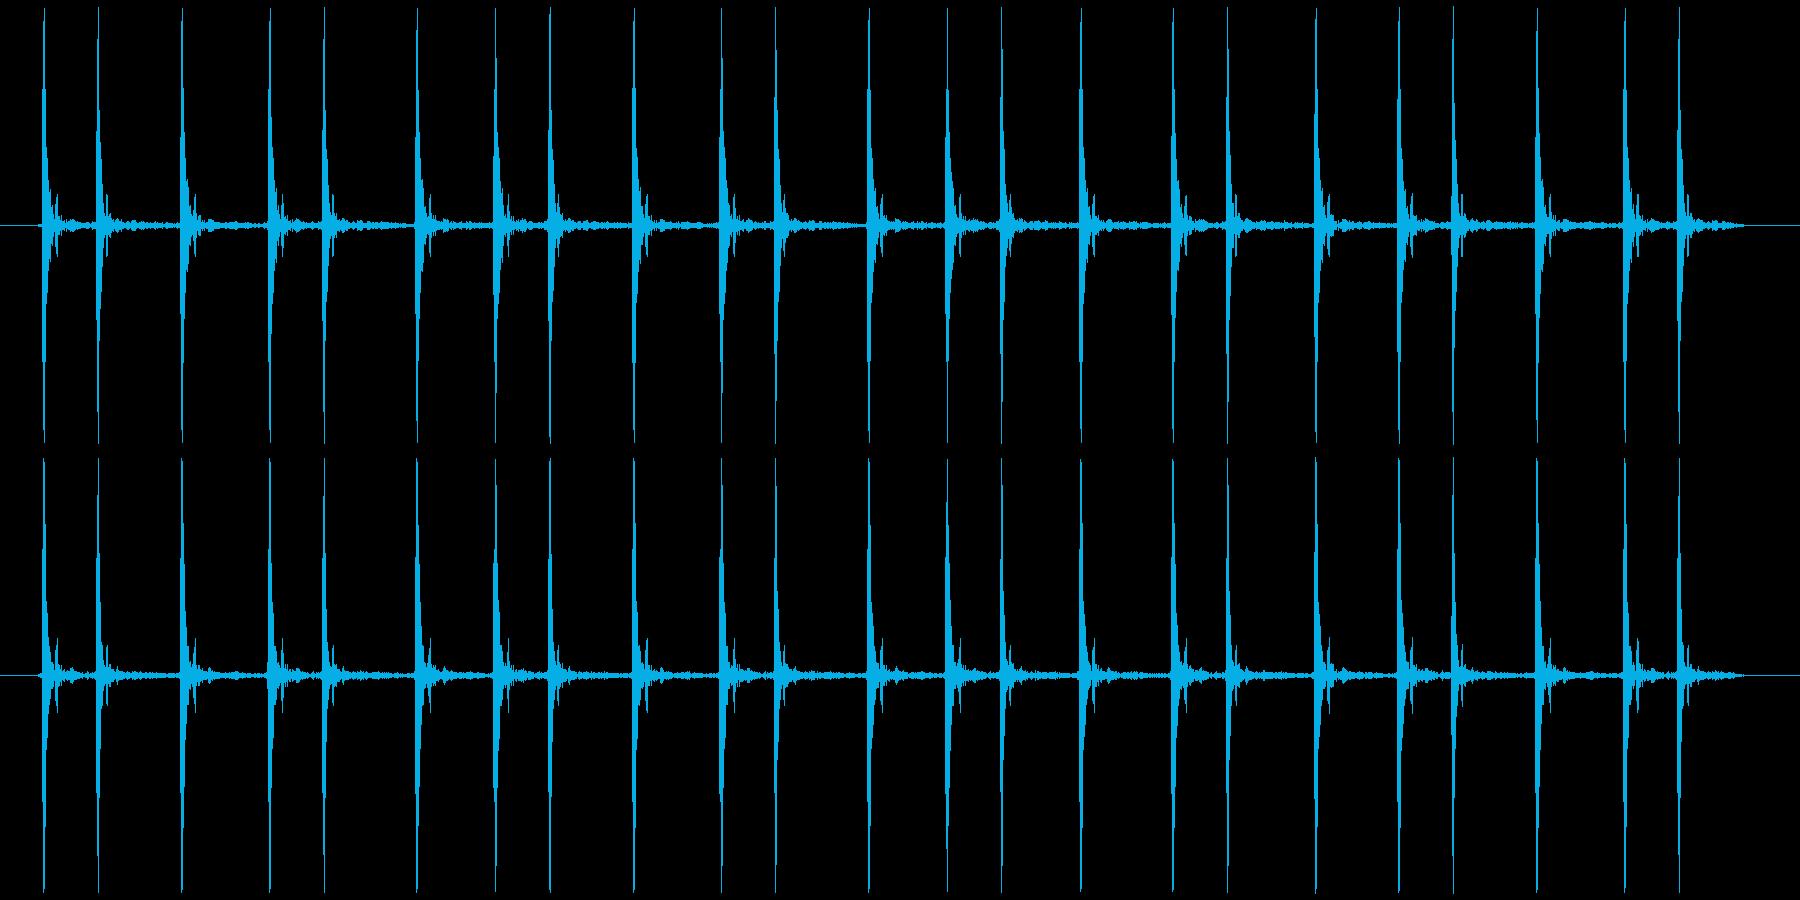 震える慌てる コミカル カタカタカタ…の再生済みの波形